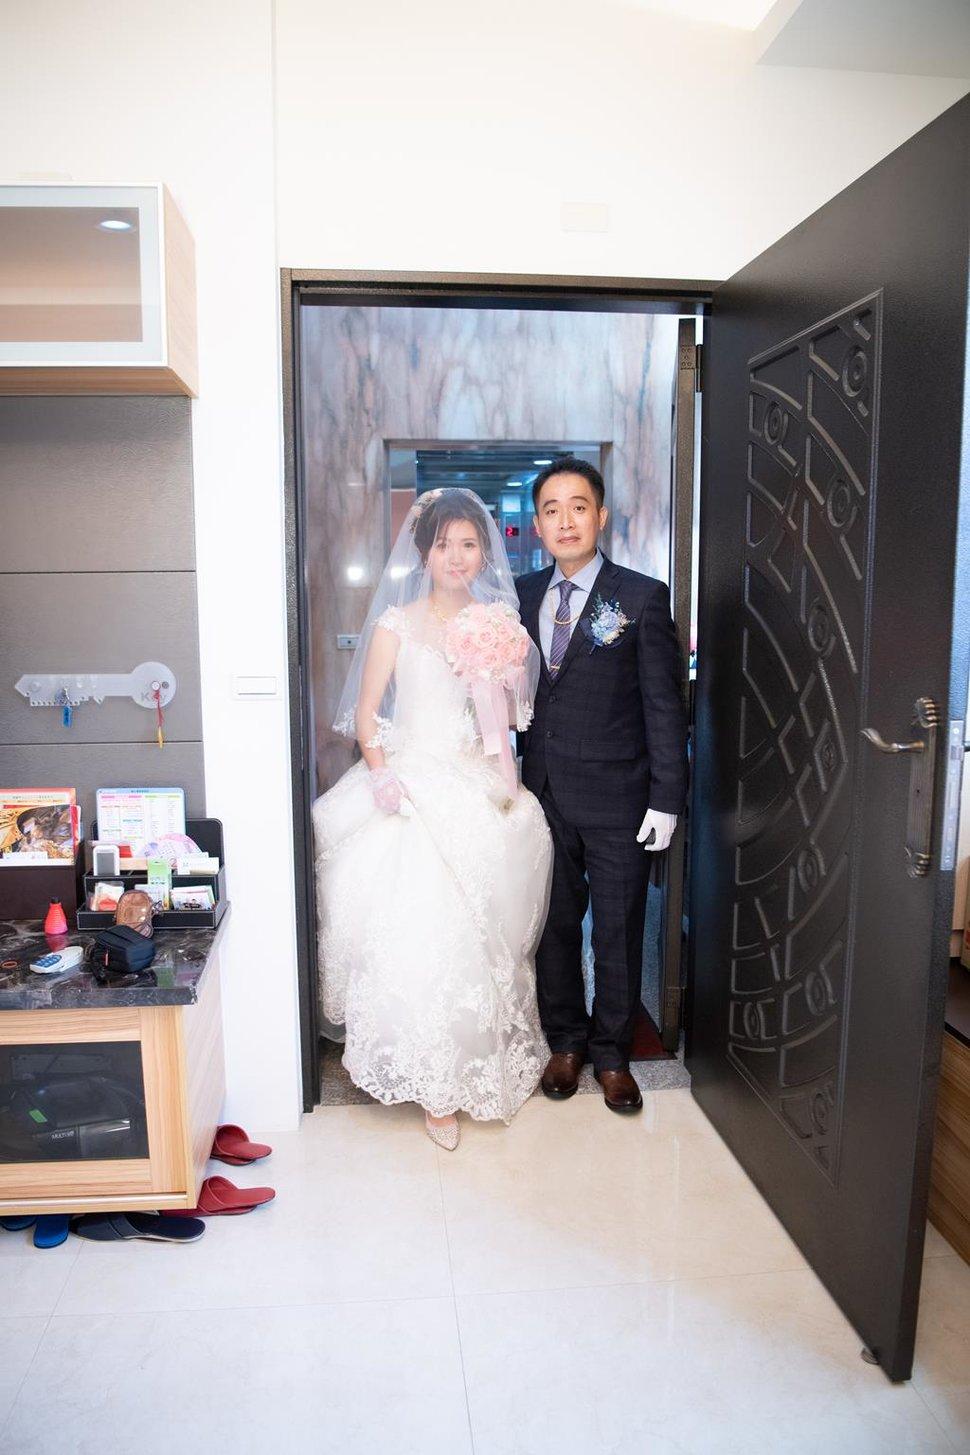 書孟&逸琳婚禮紀實-2-36 - 幸福先生攝影團隊  (全職攝影師)《結婚吧》